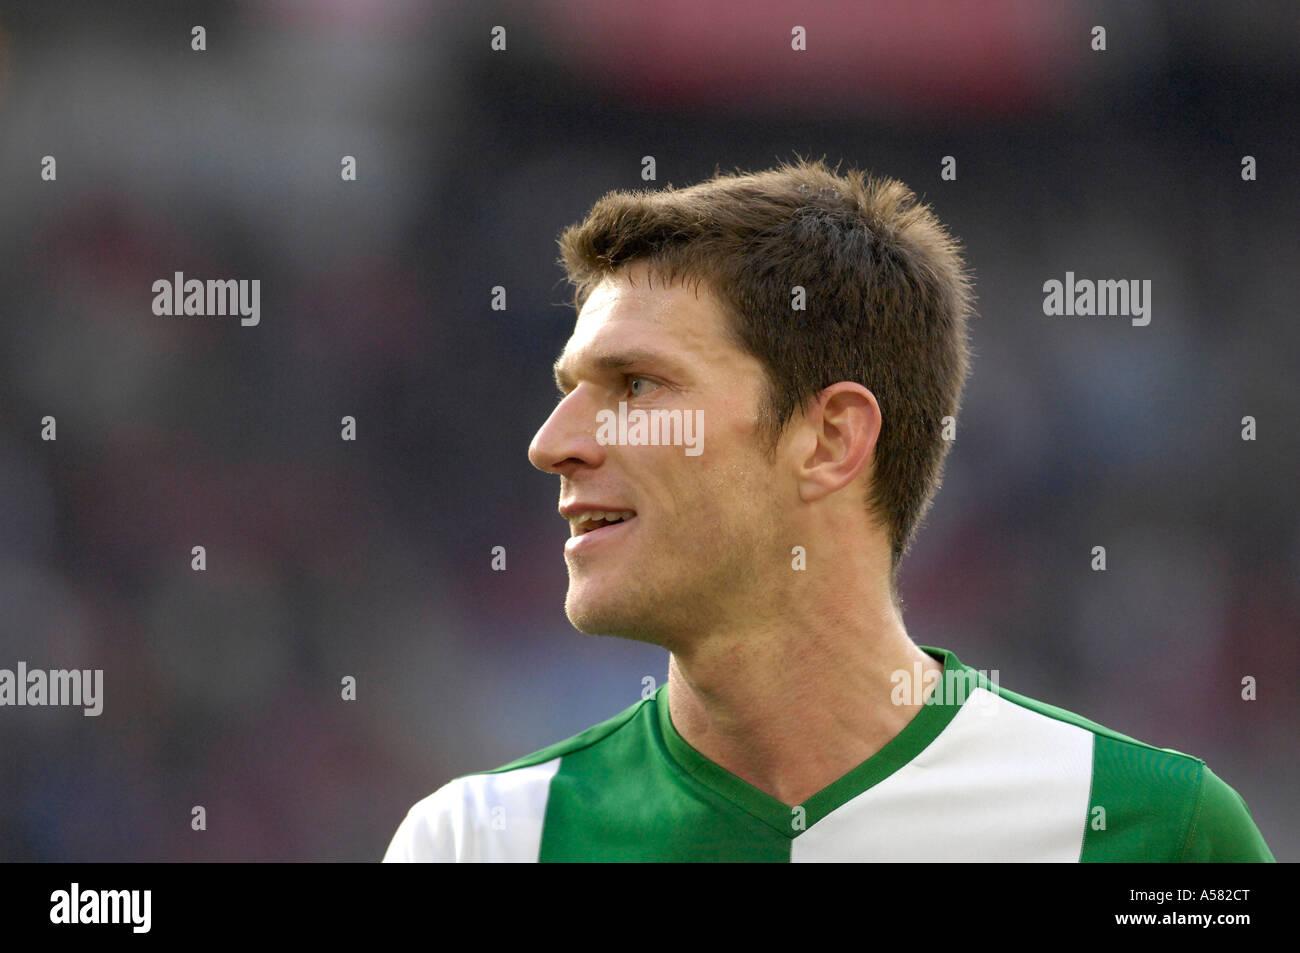 Peter VAN DER HEYDEN VfL Wolfsburg - Stock Image